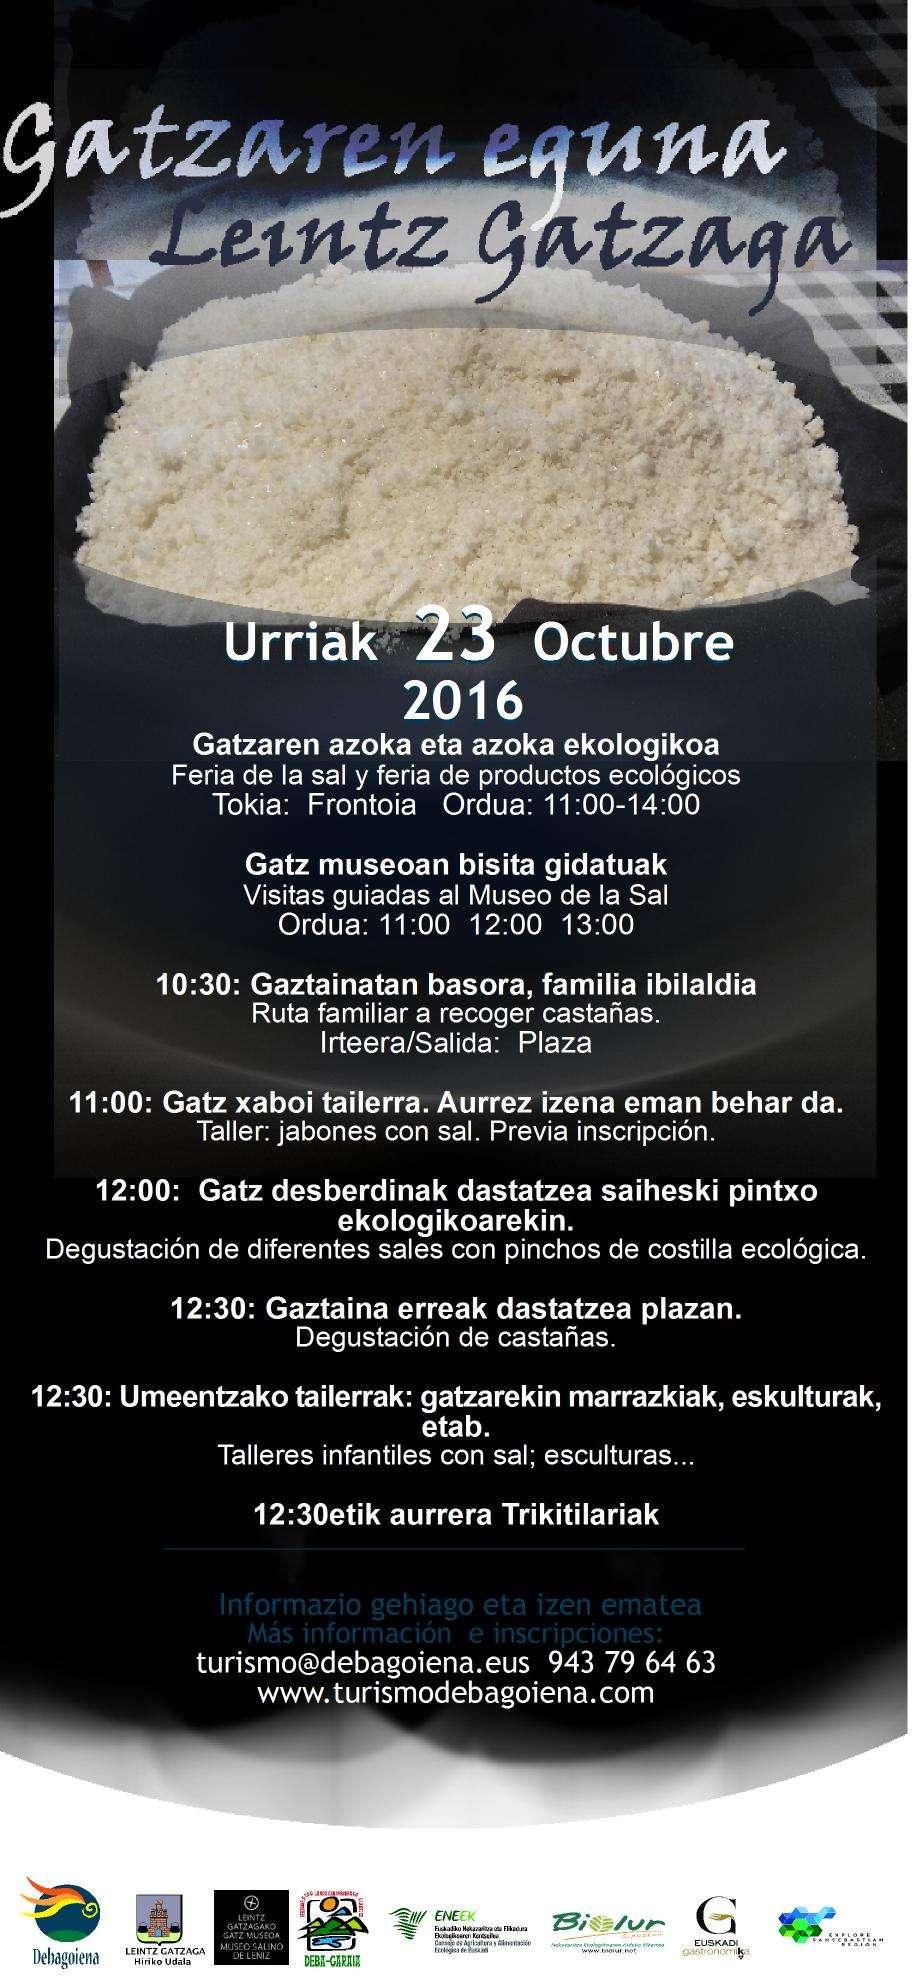 gatzaren_eguna_kartela